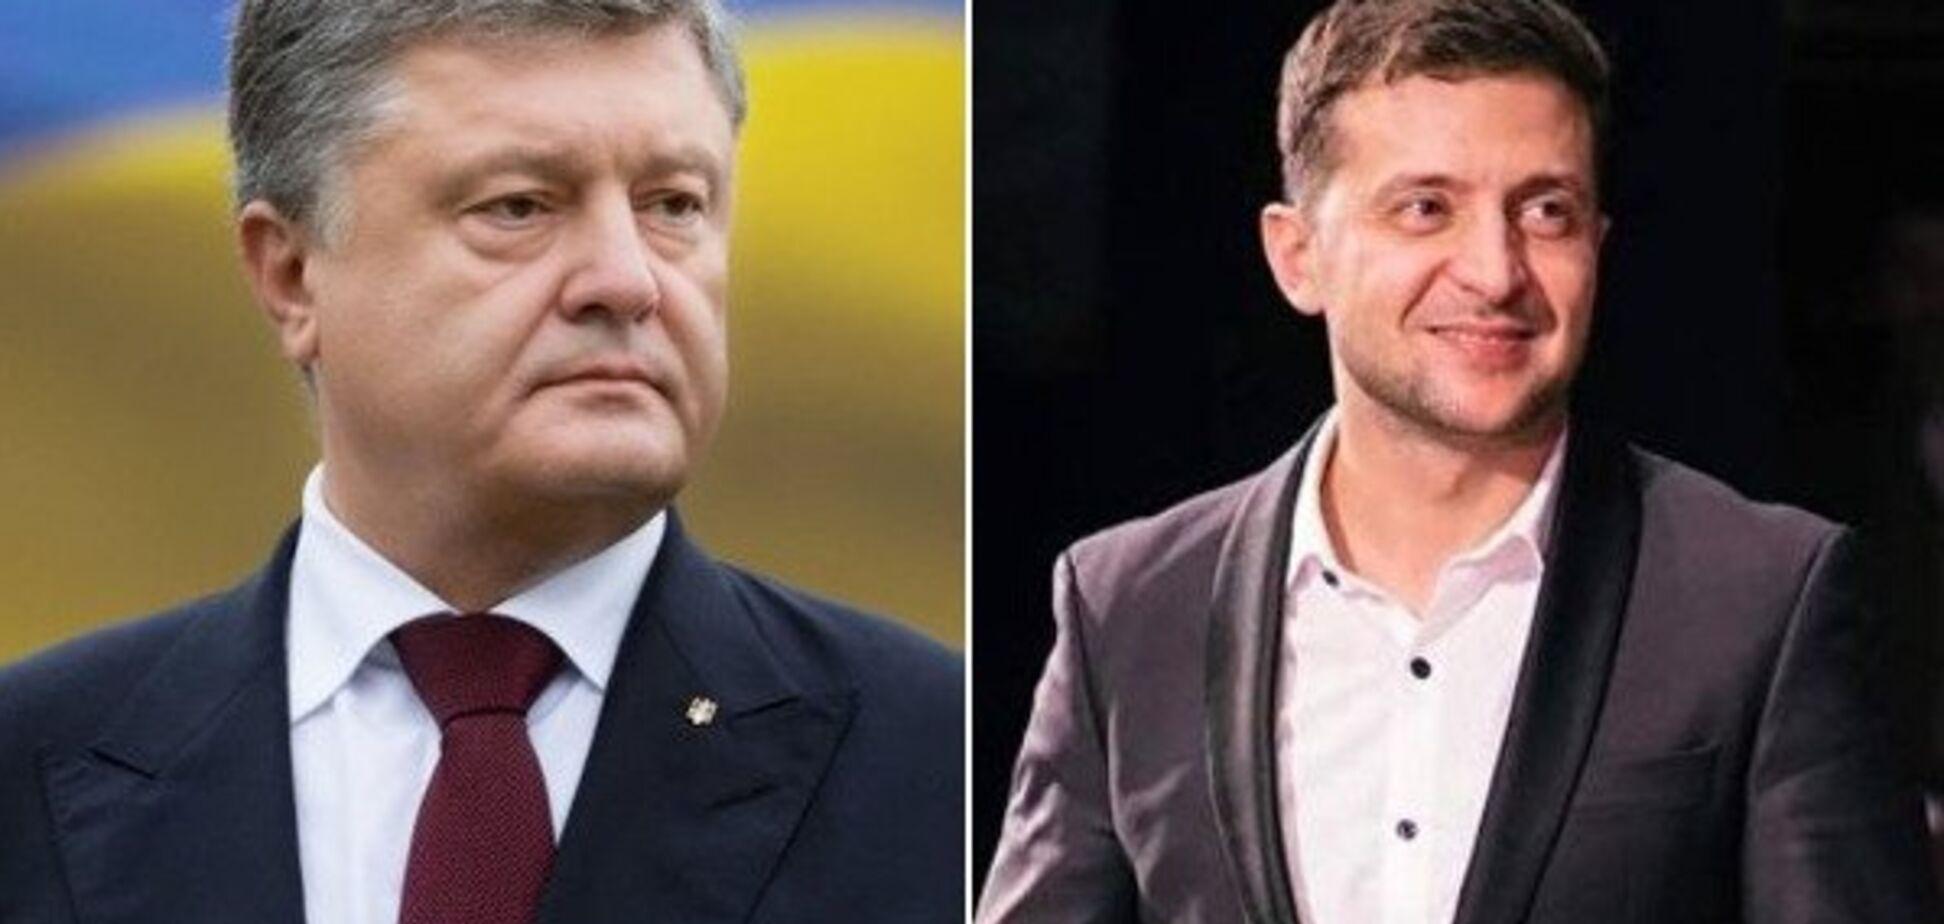 Зеленский обещает второй паспорт, а Порошенко – богатство: чего ожидать от кандидатов